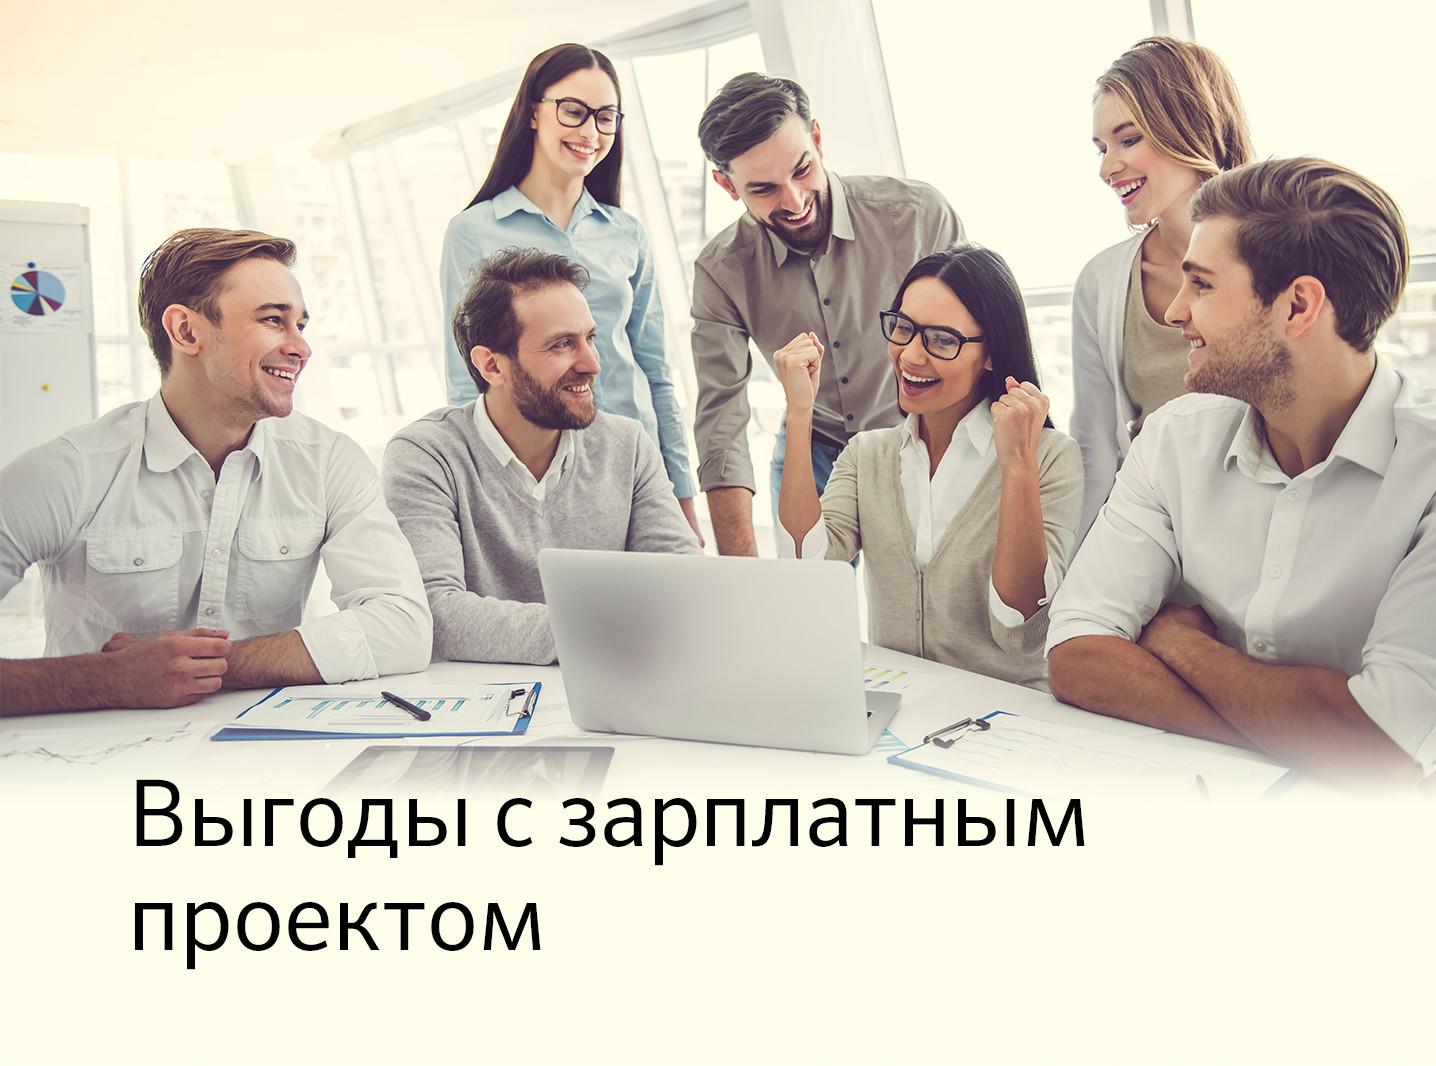 кредит 24 онлайн личный кабинет вход